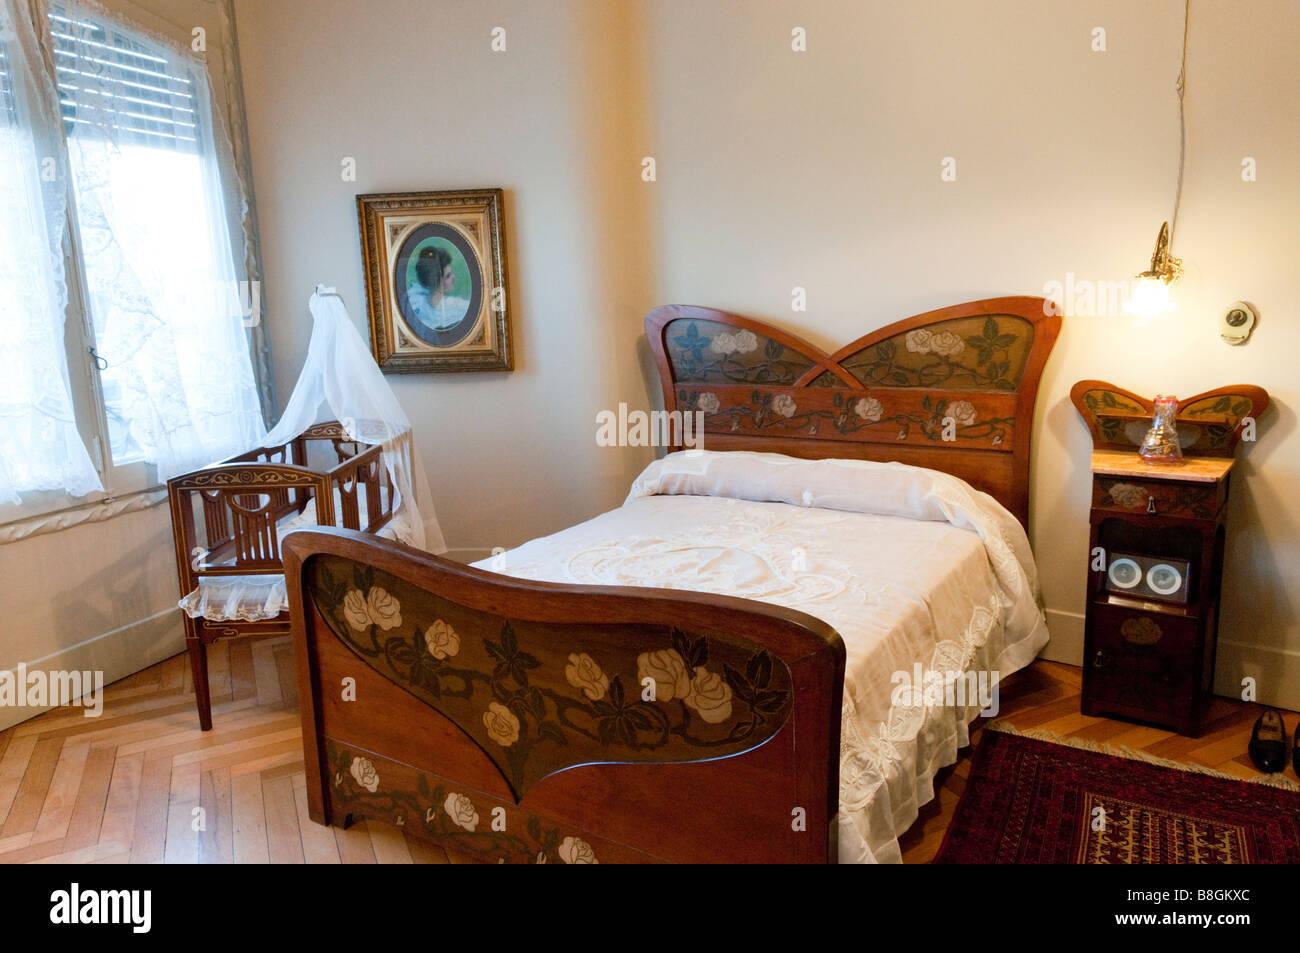 Début du xxe siècle dans une chambre Casa Mila par Antoni Gaudi Barcelone, Espagne Photo Stock